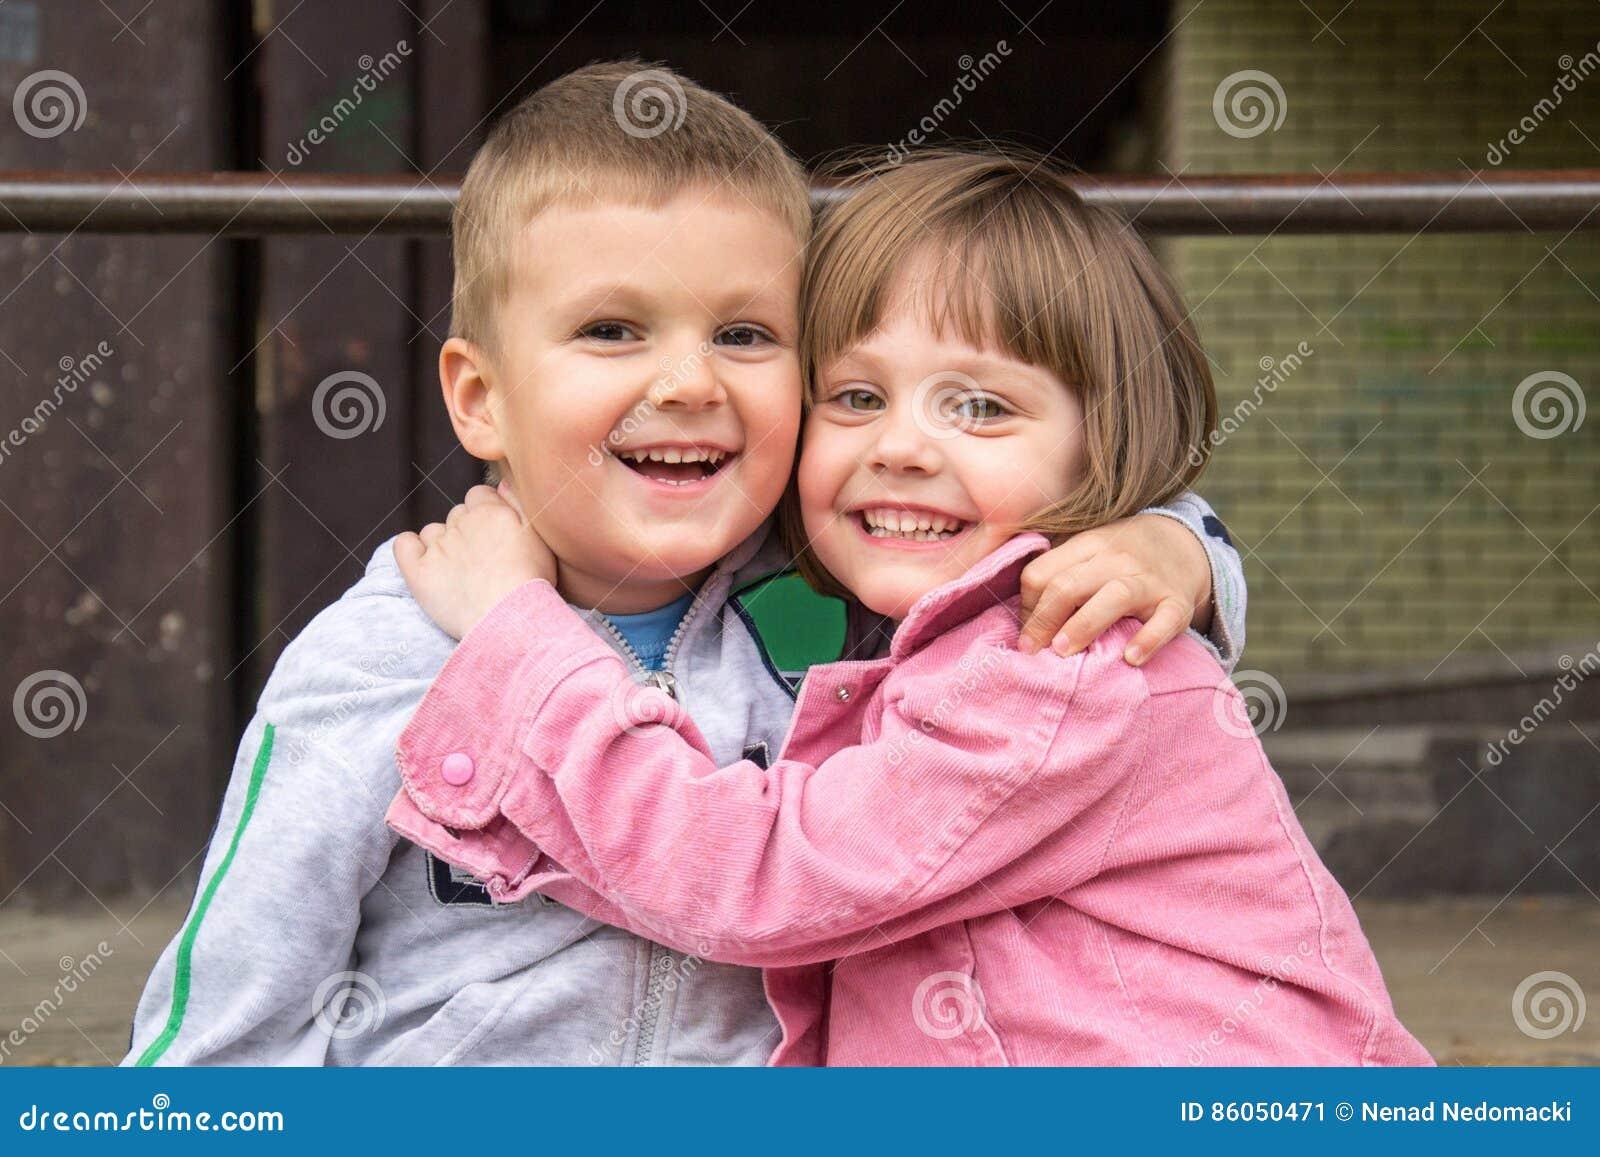 Bruder Und Schwester Umarmen Stockbild - Bild von